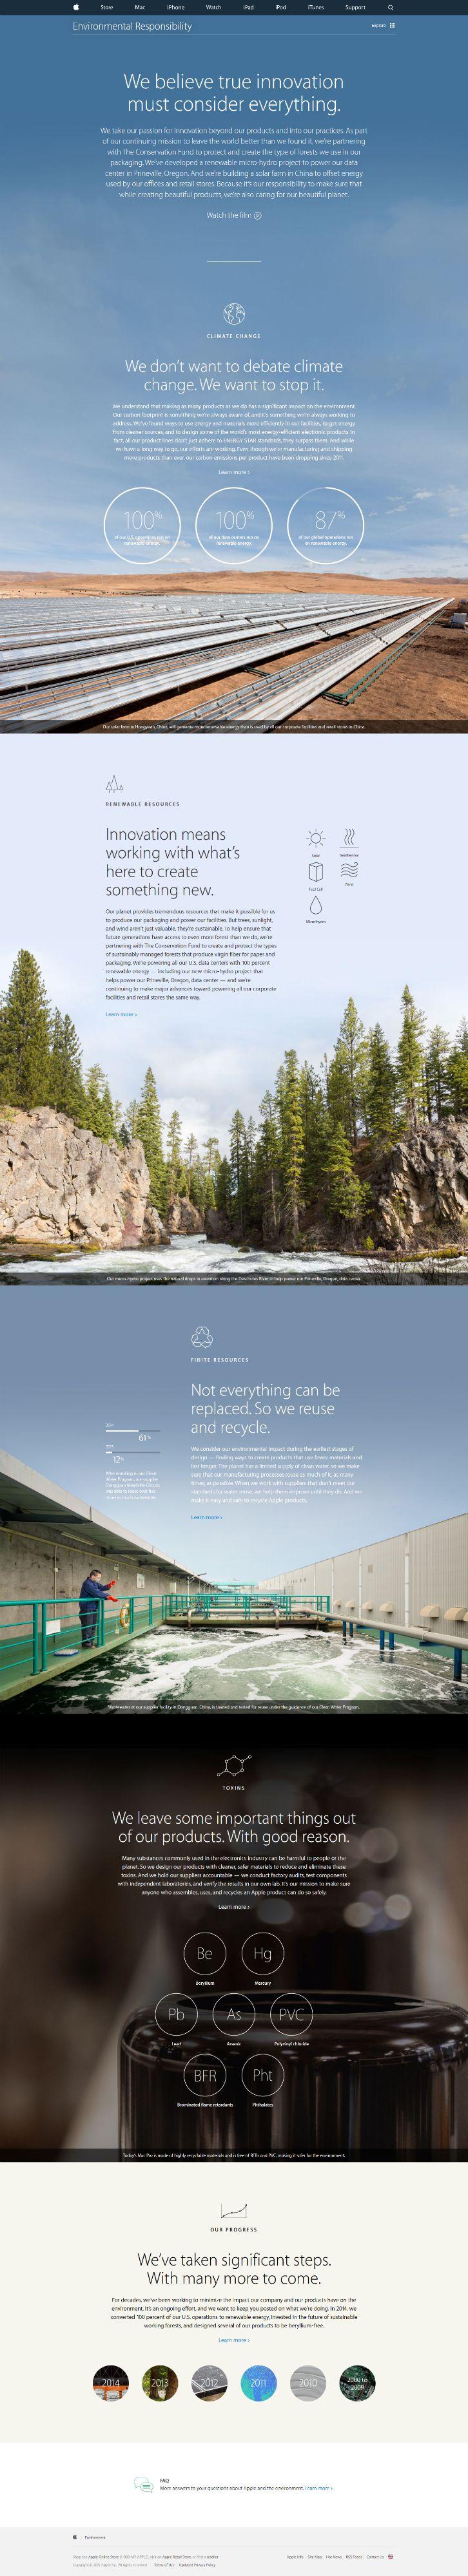 Apple's CSR website